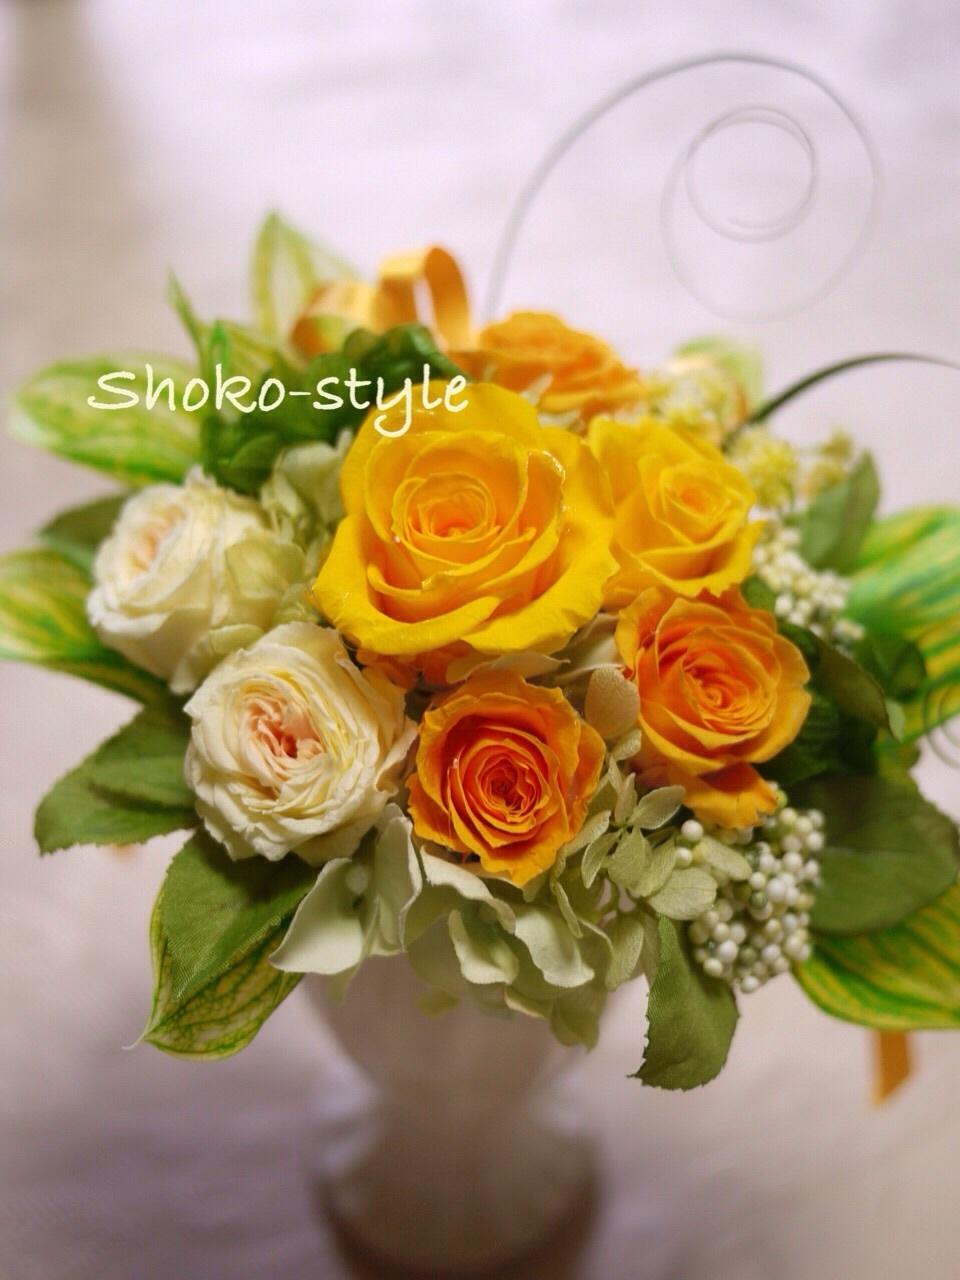 春のアレンジメントは黄色で_a0135999_14453379.jpg